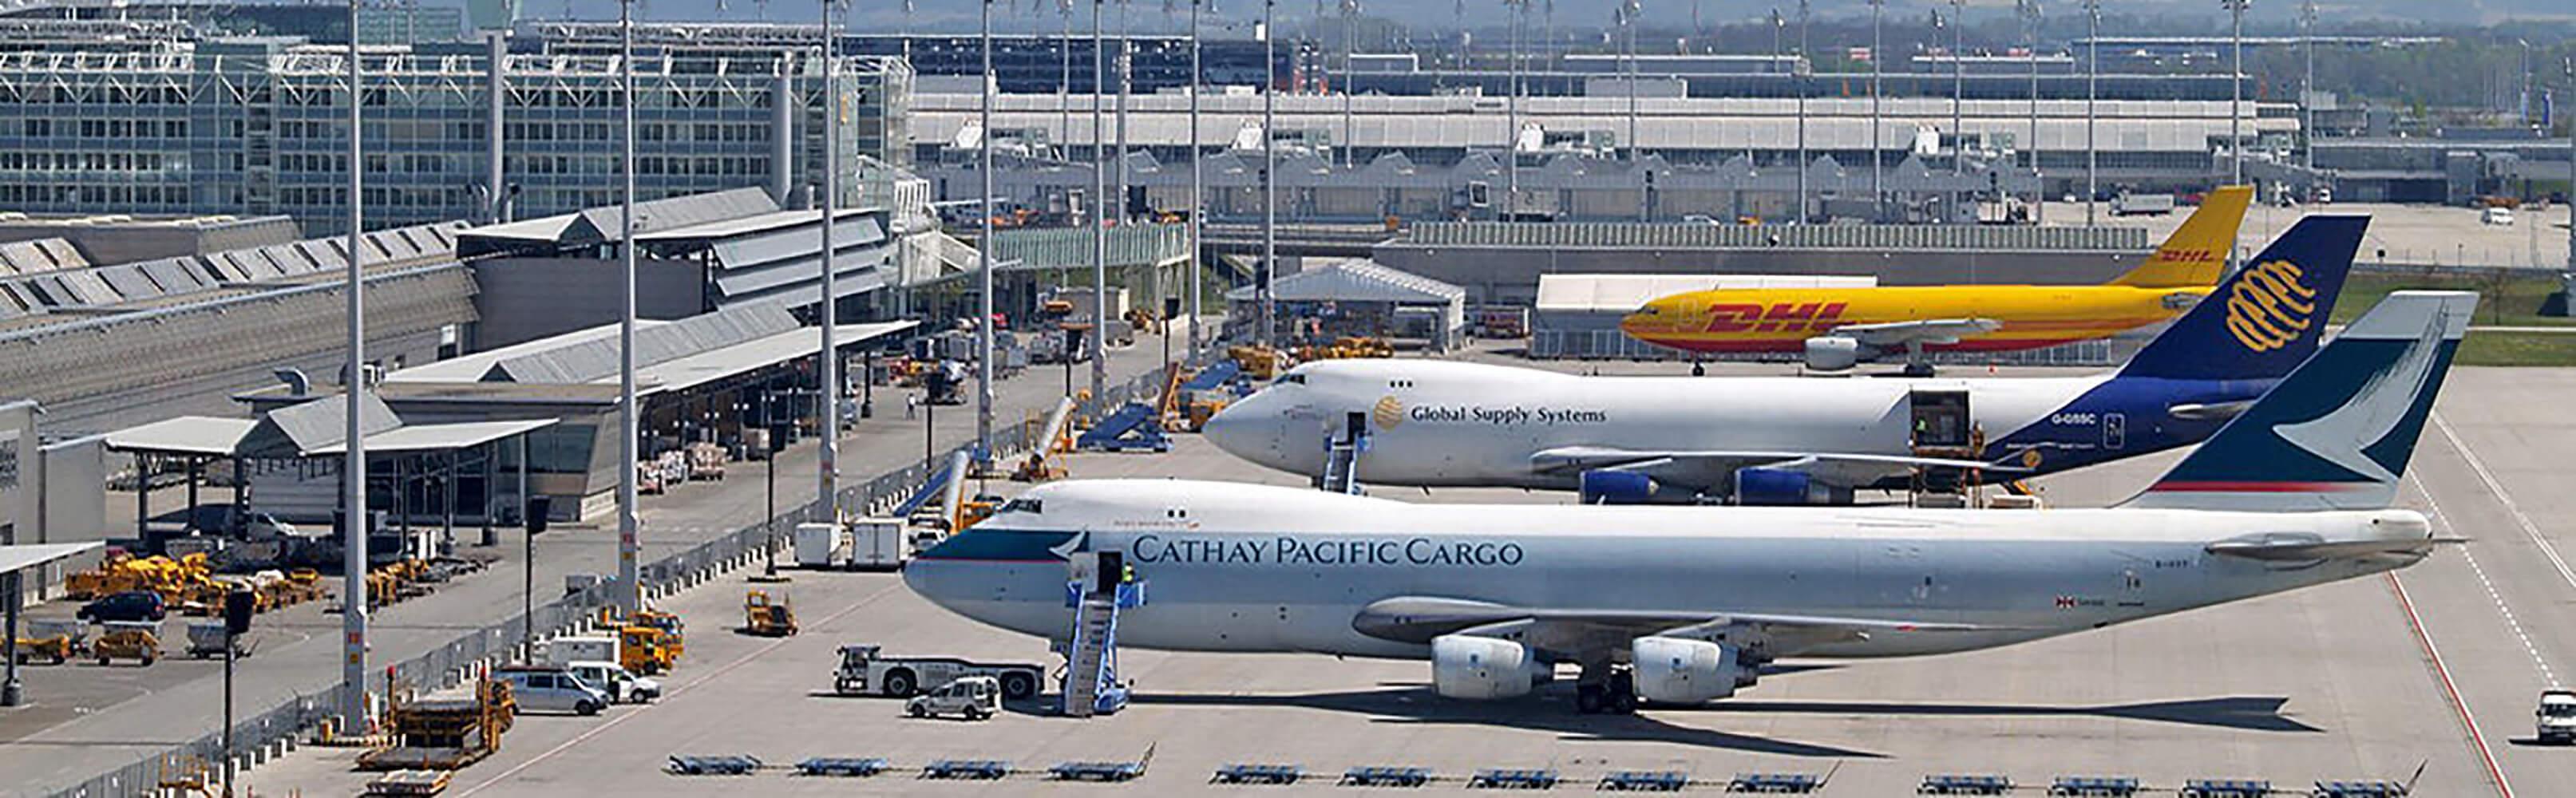 Flughafen München – Ein unvergessliches Airlebnis! 1